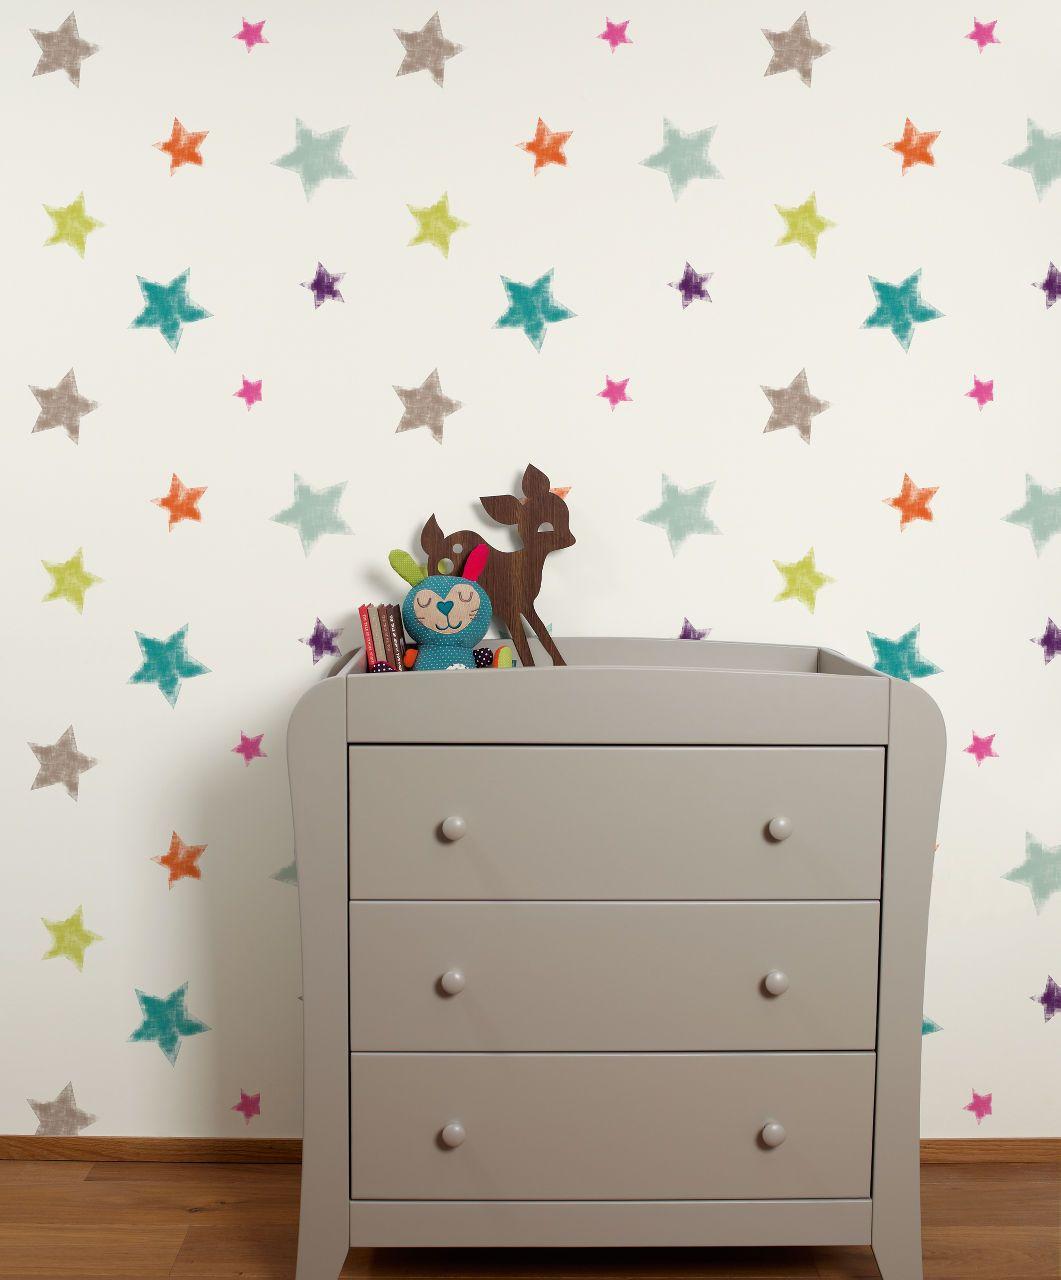 chambre bebe decoration neutre etoile